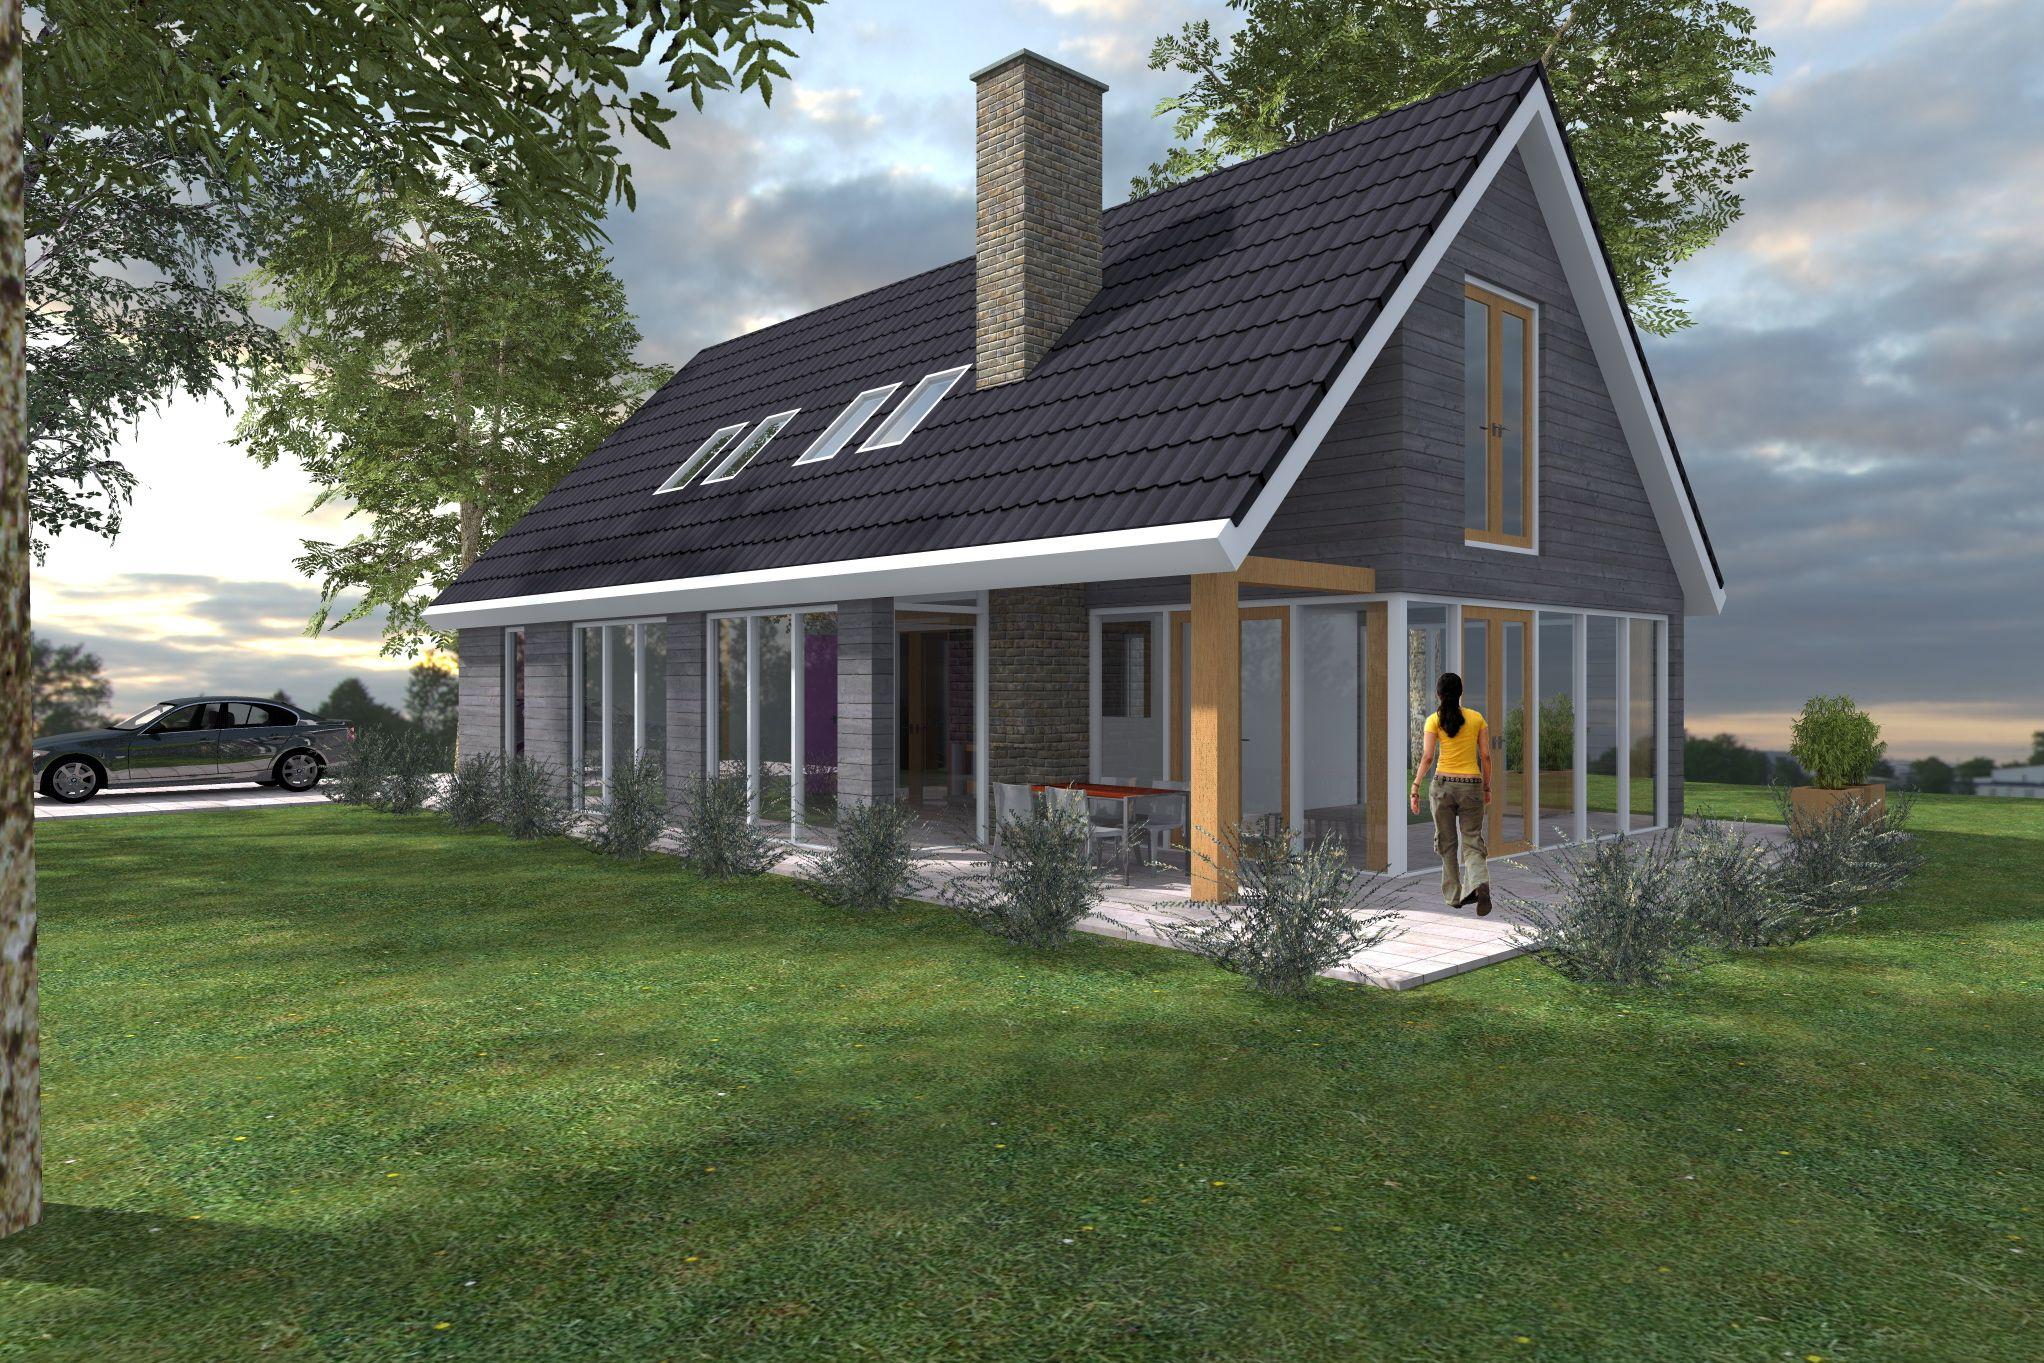 Schuurwoning buitenhuis villabouw casa de campo pinterest huizen mooie huizen en modern - Meer mooie houten huizen ...